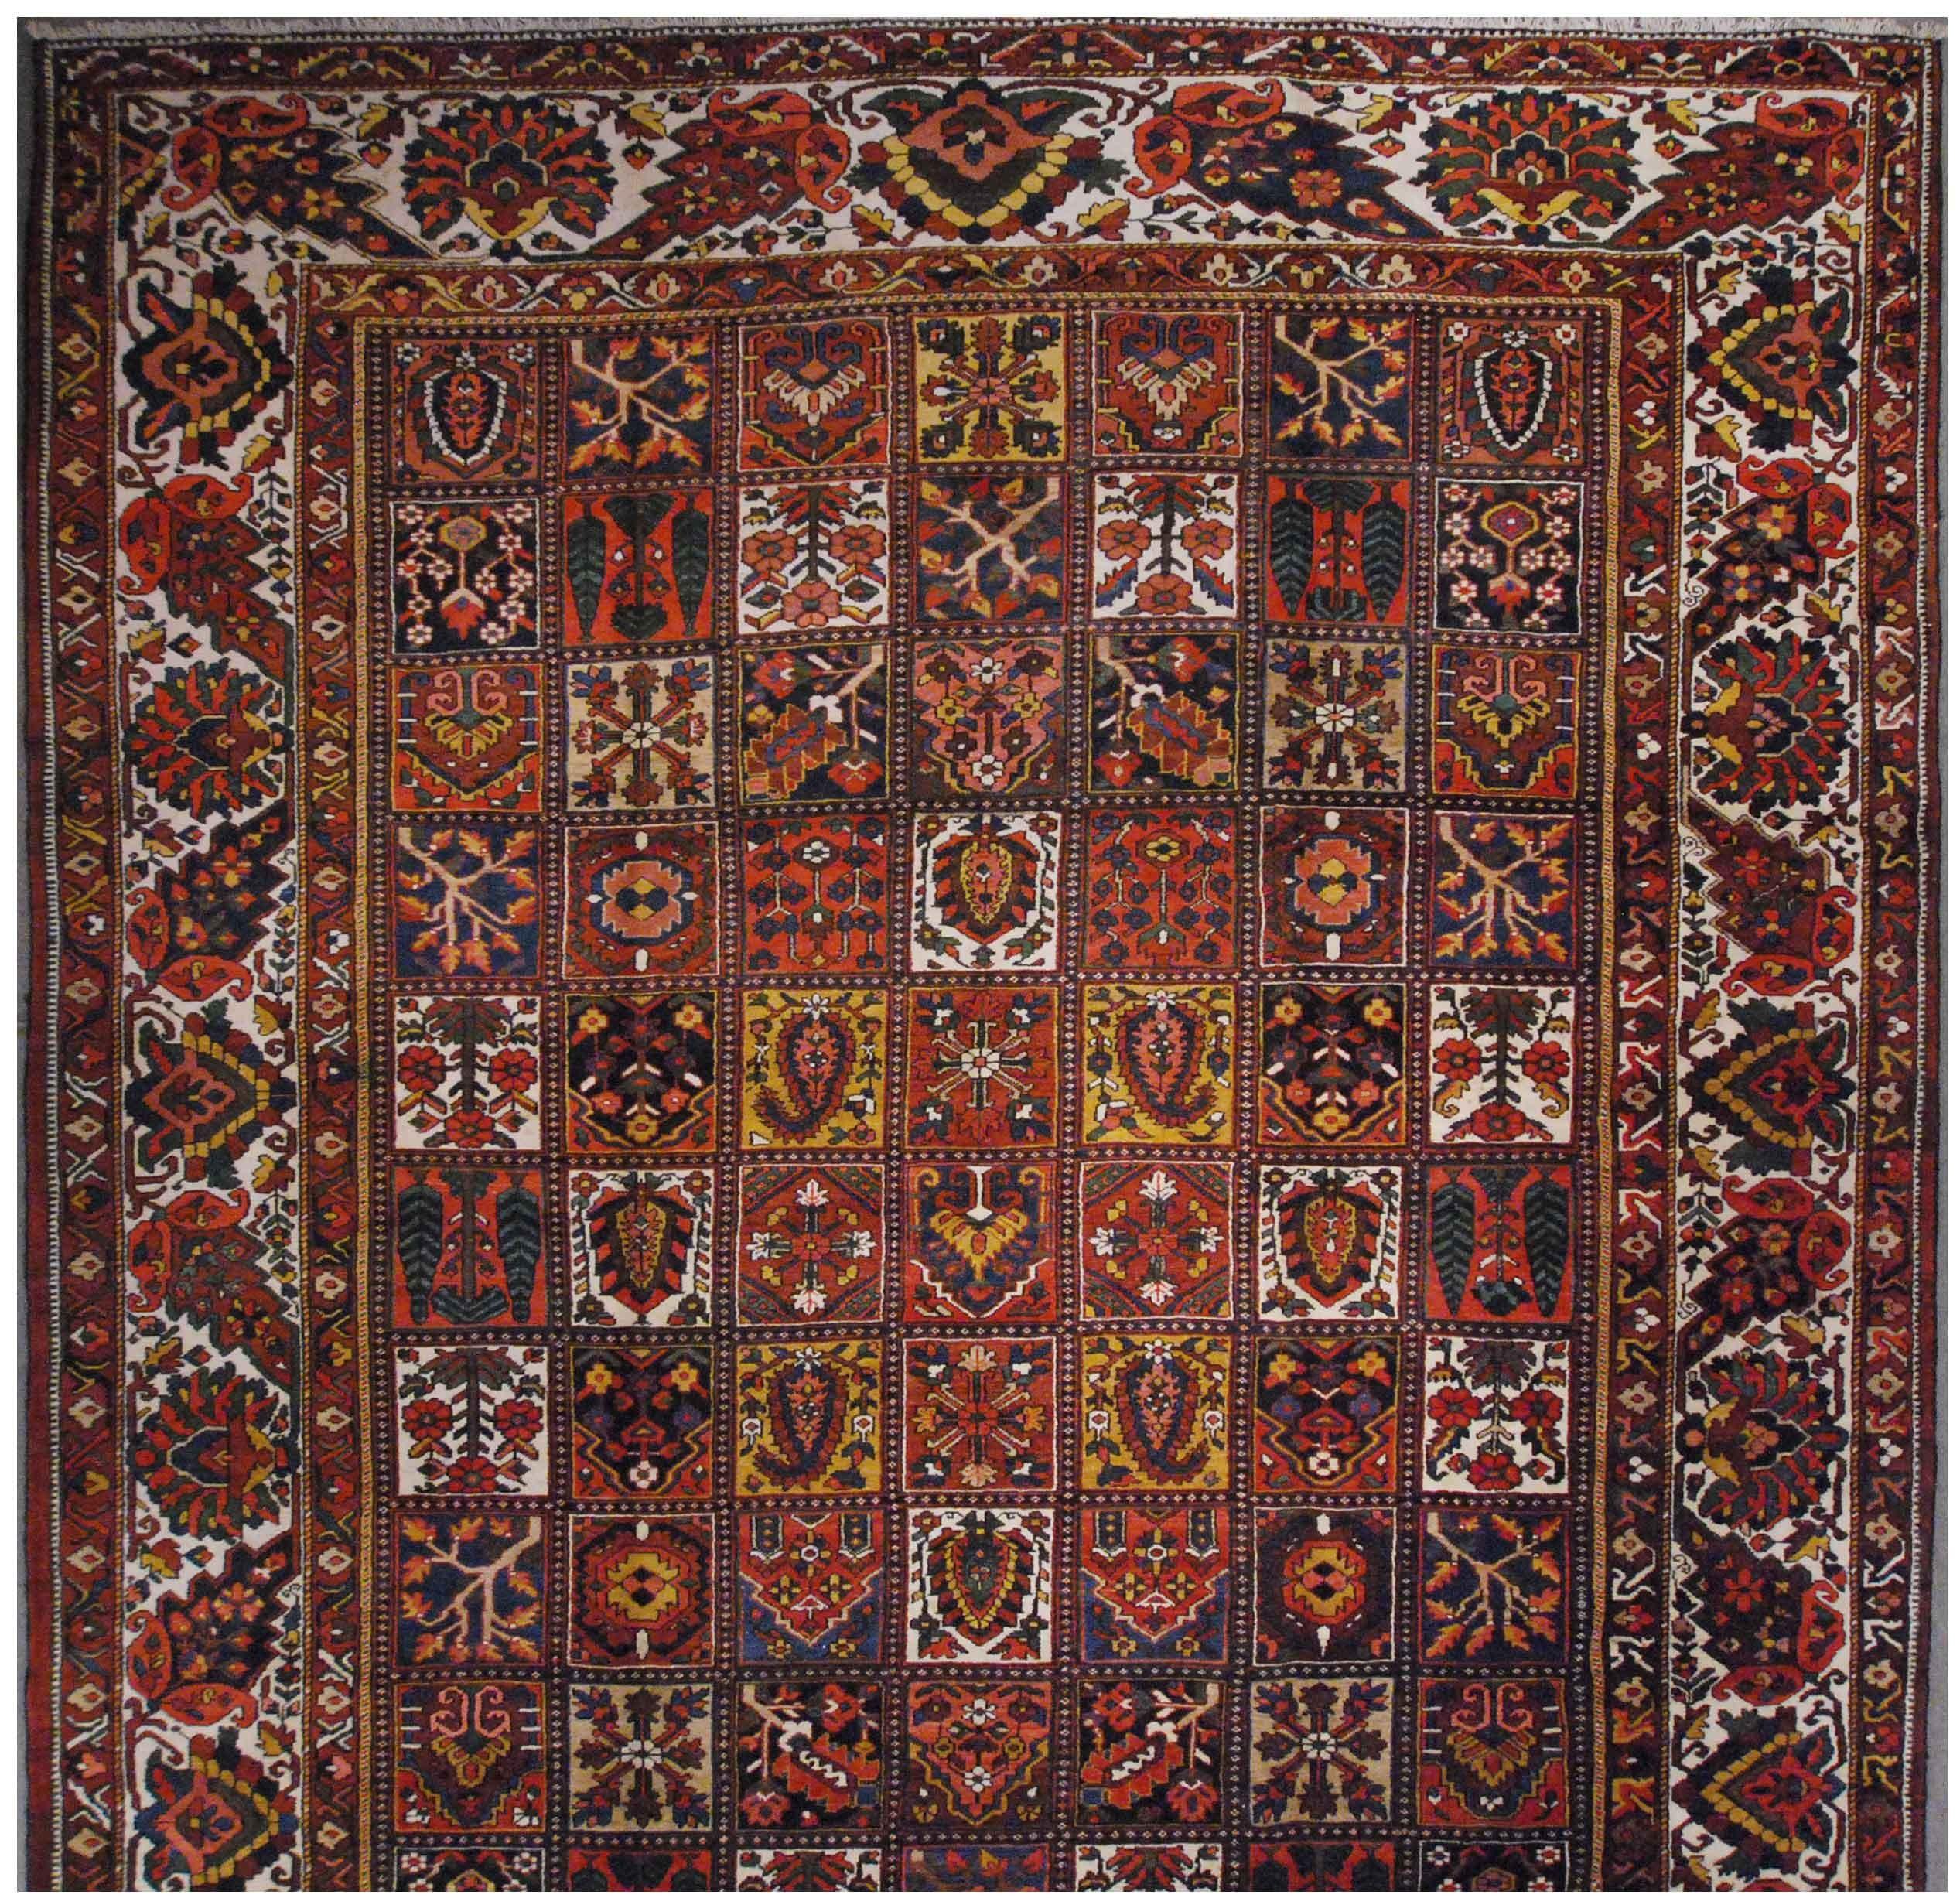 Antique Persian Bakhtiar